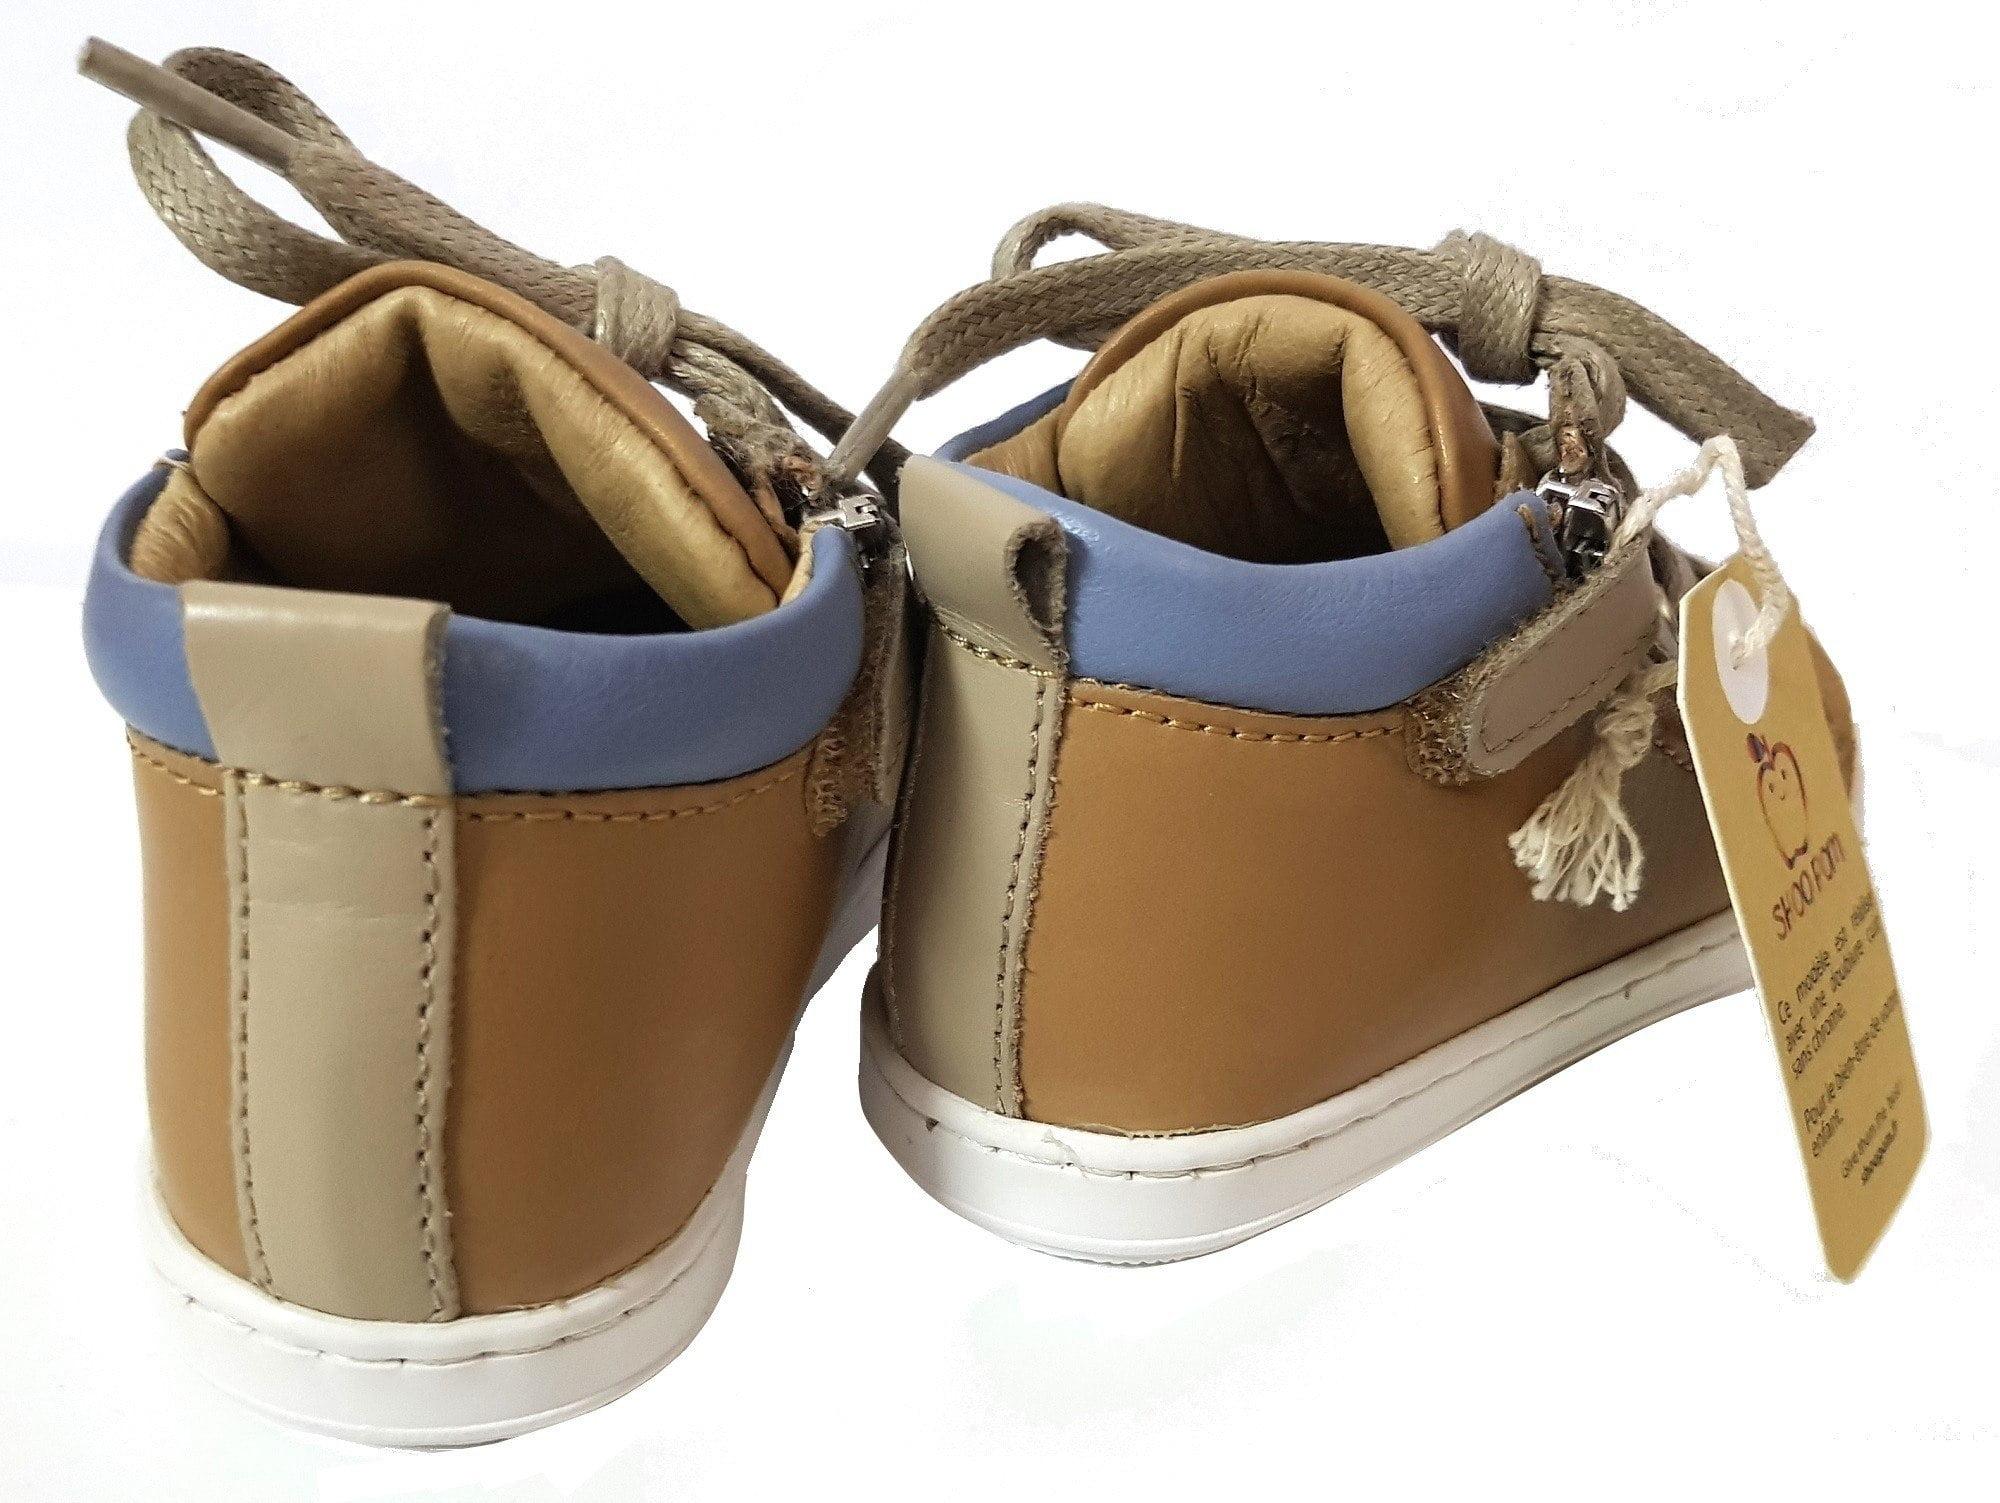 La Bouba Bi Zip Regat en cuir camel, taupe et jean pour les premiers dotée de lacets et 2 zips, modèle Shoo Pom